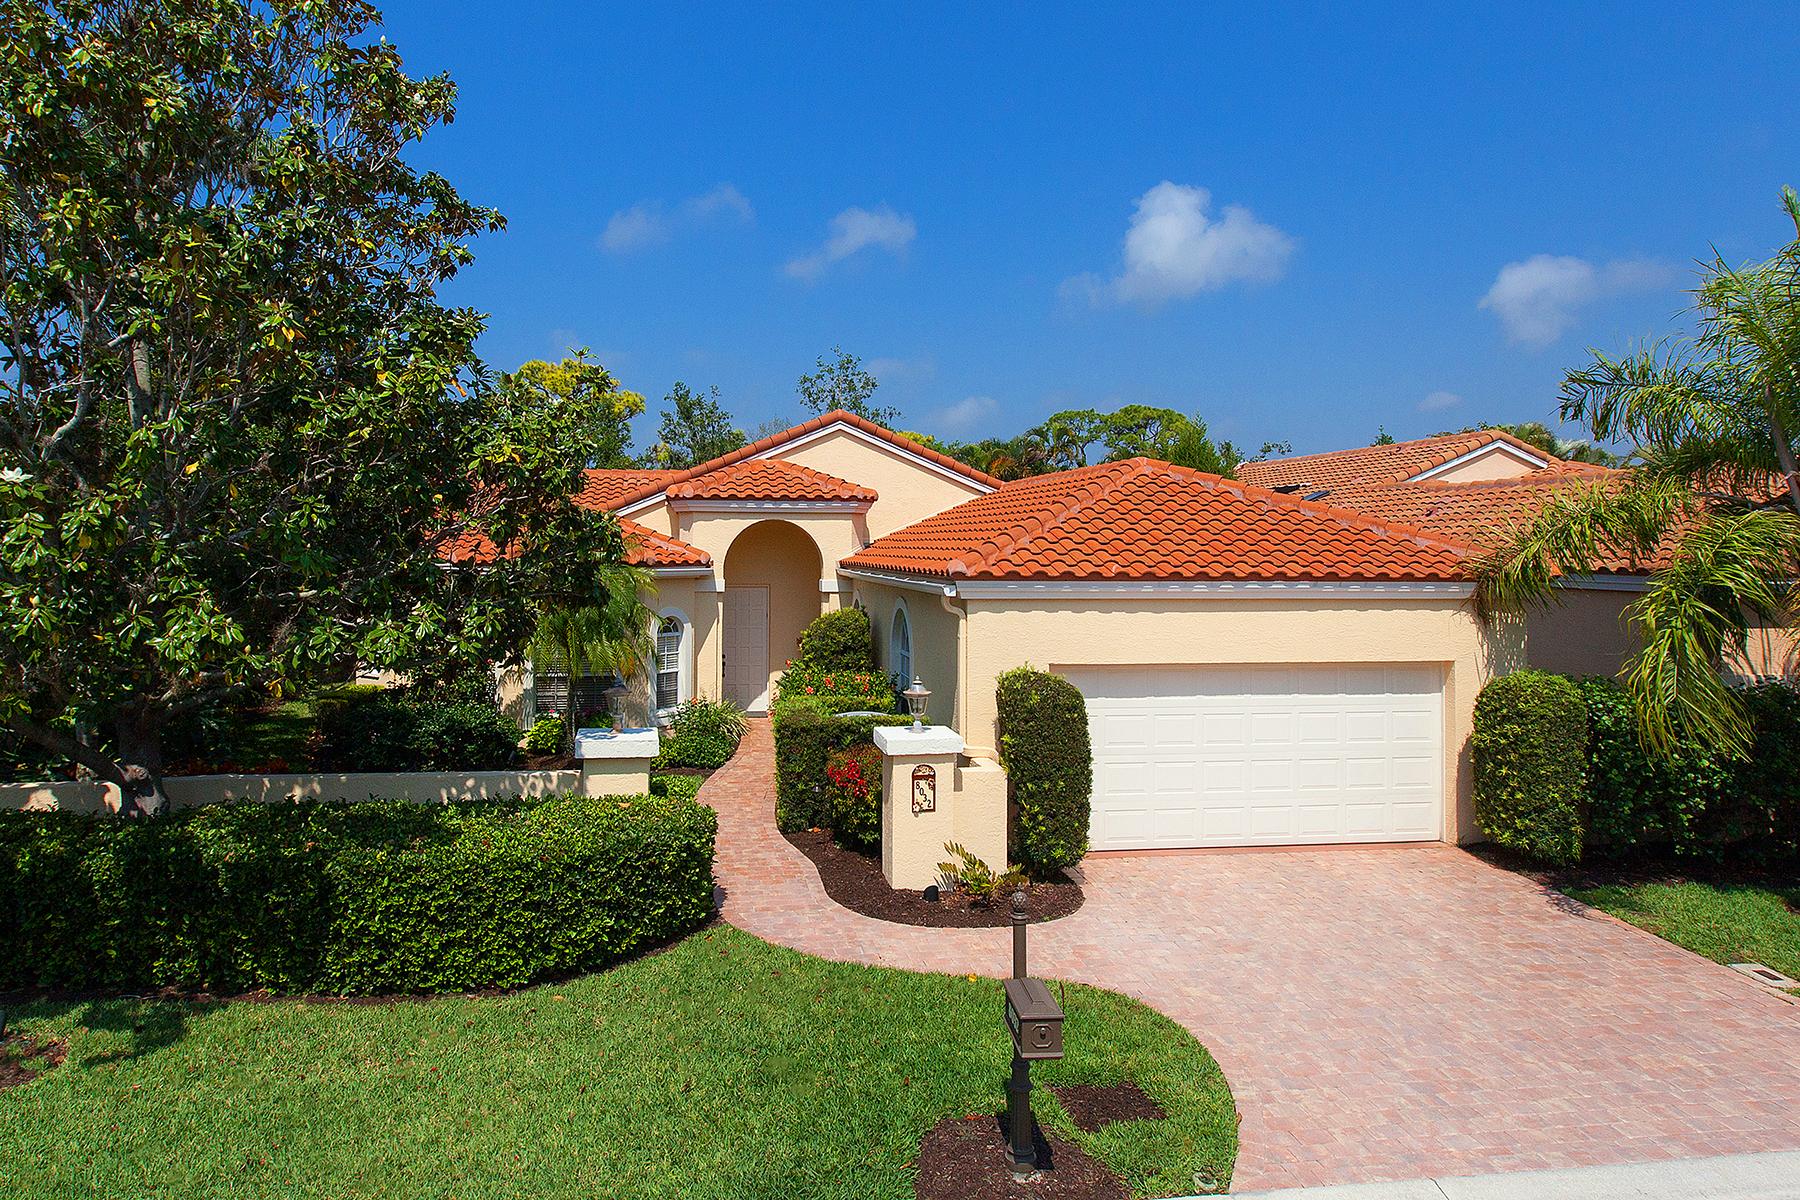 Eigentumswohnung für Verkauf beim PRESTANCIA 8032 Via Fiore Sarasota, Florida, 34238 Vereinigte Staaten